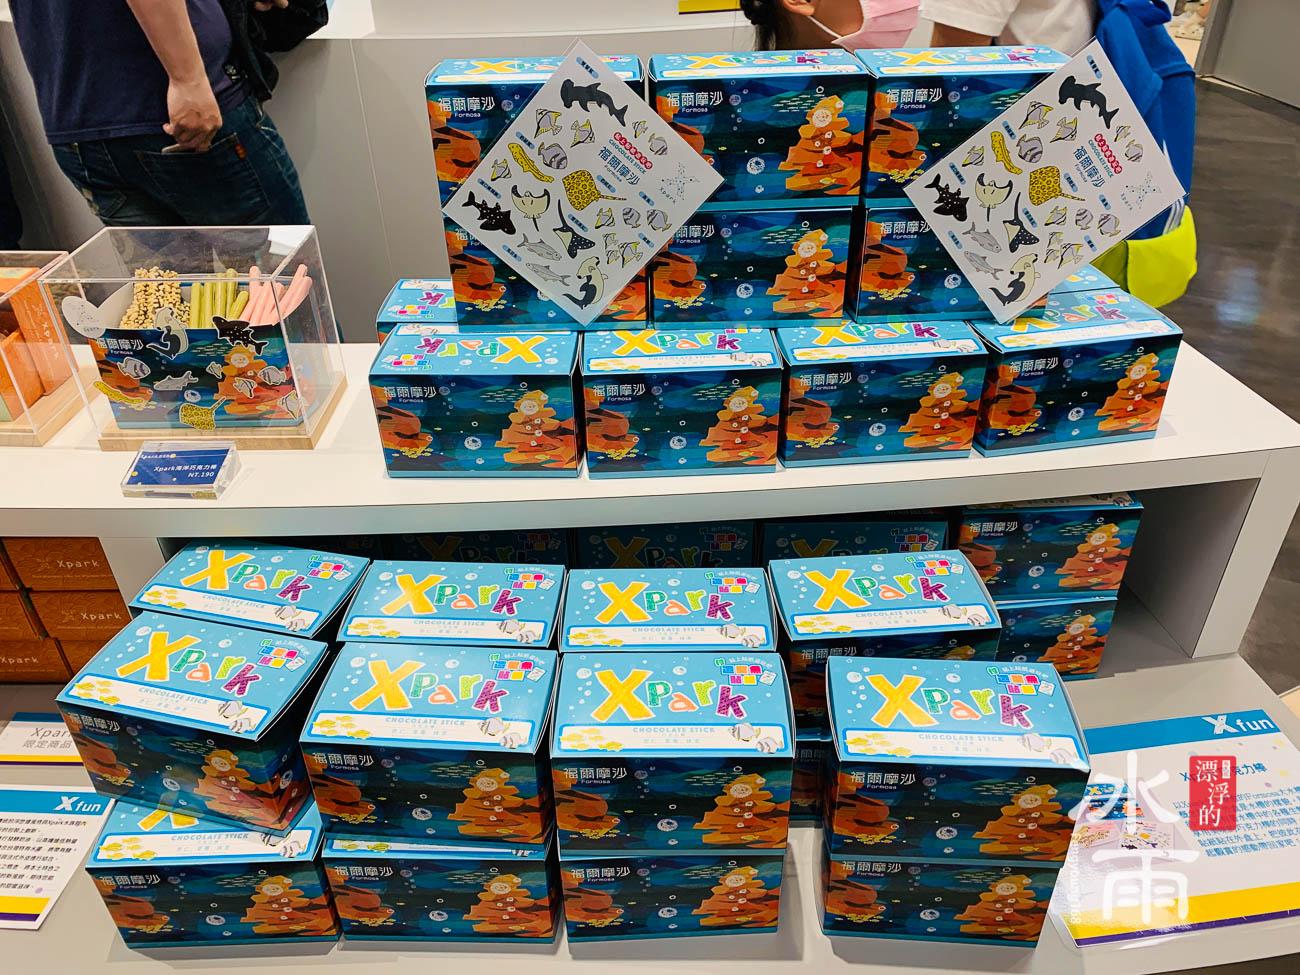 X fun Xpark水族館禮品專賣店 店內一景